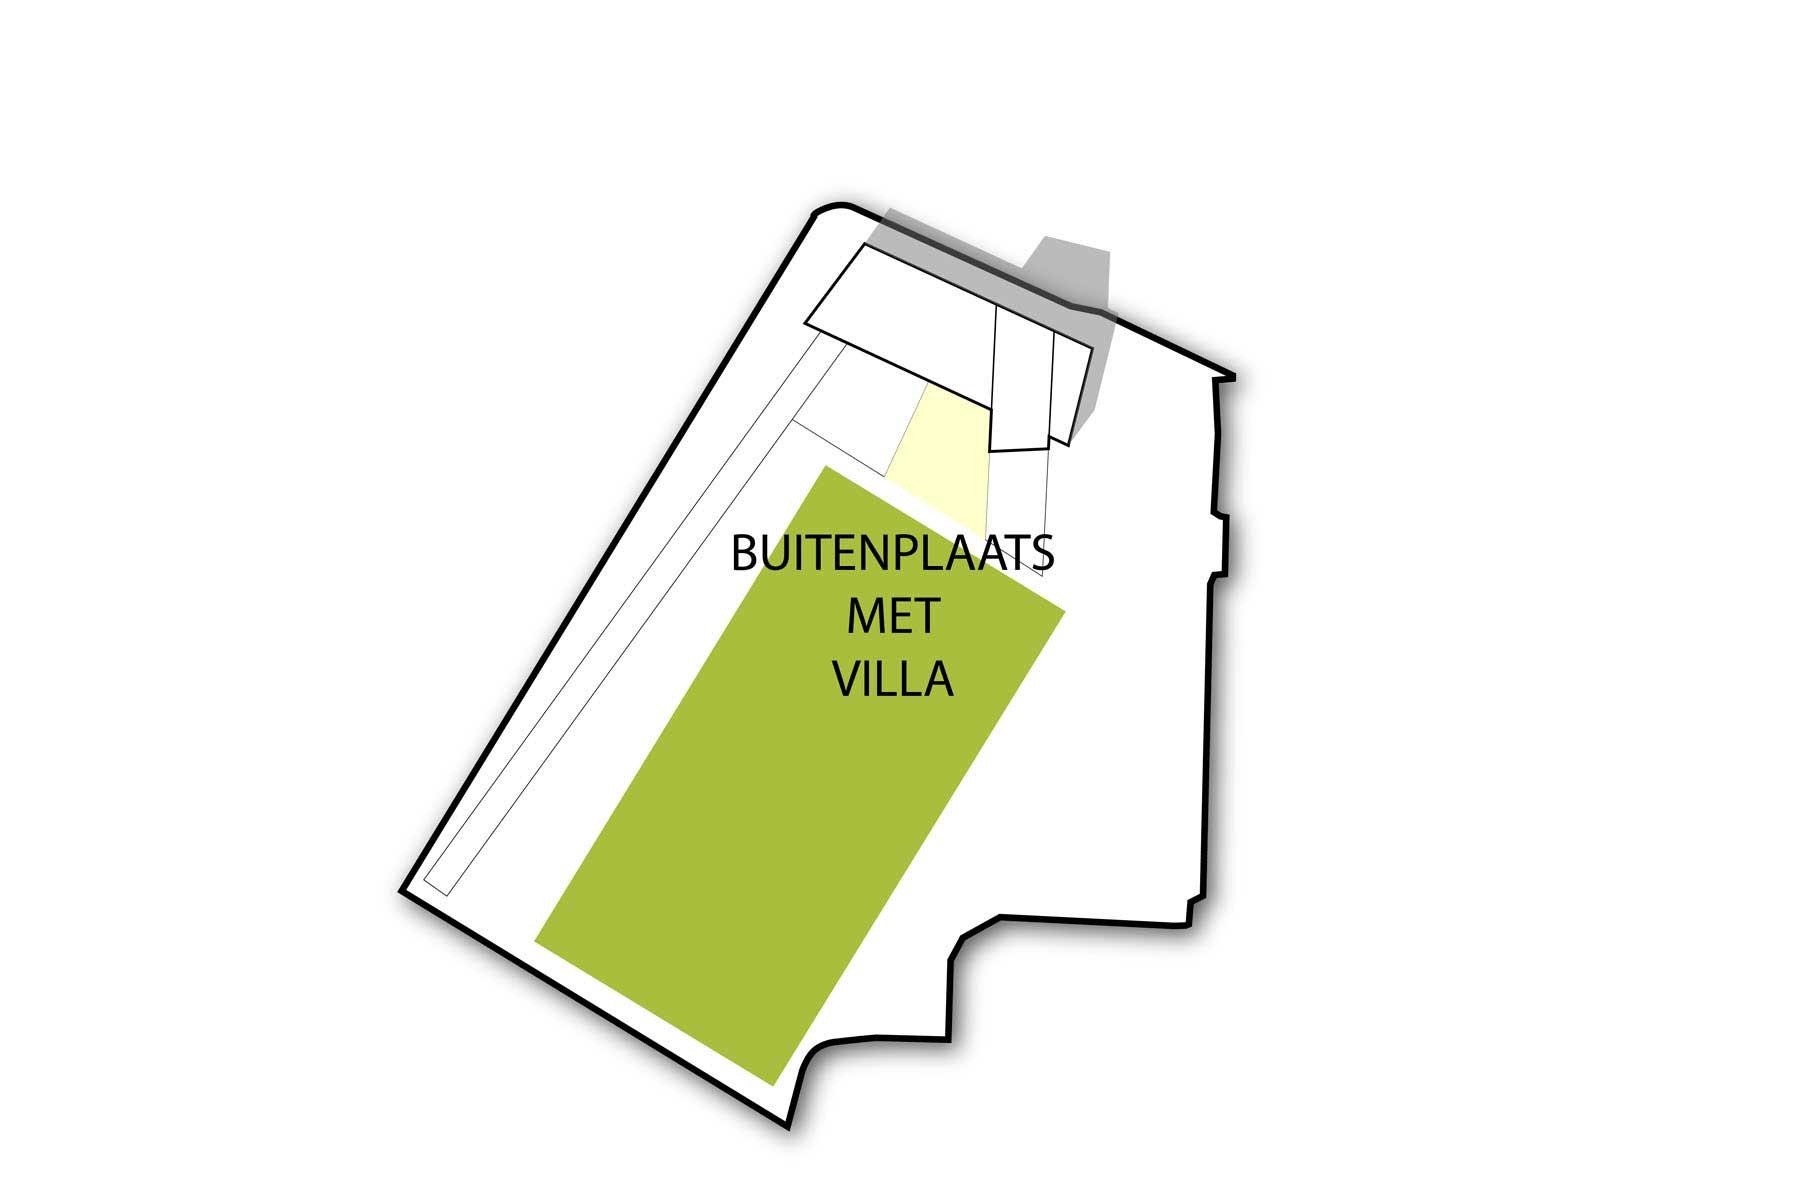 8A Architecten - 'Veel Beter' fysiotherapie, Almere Poort